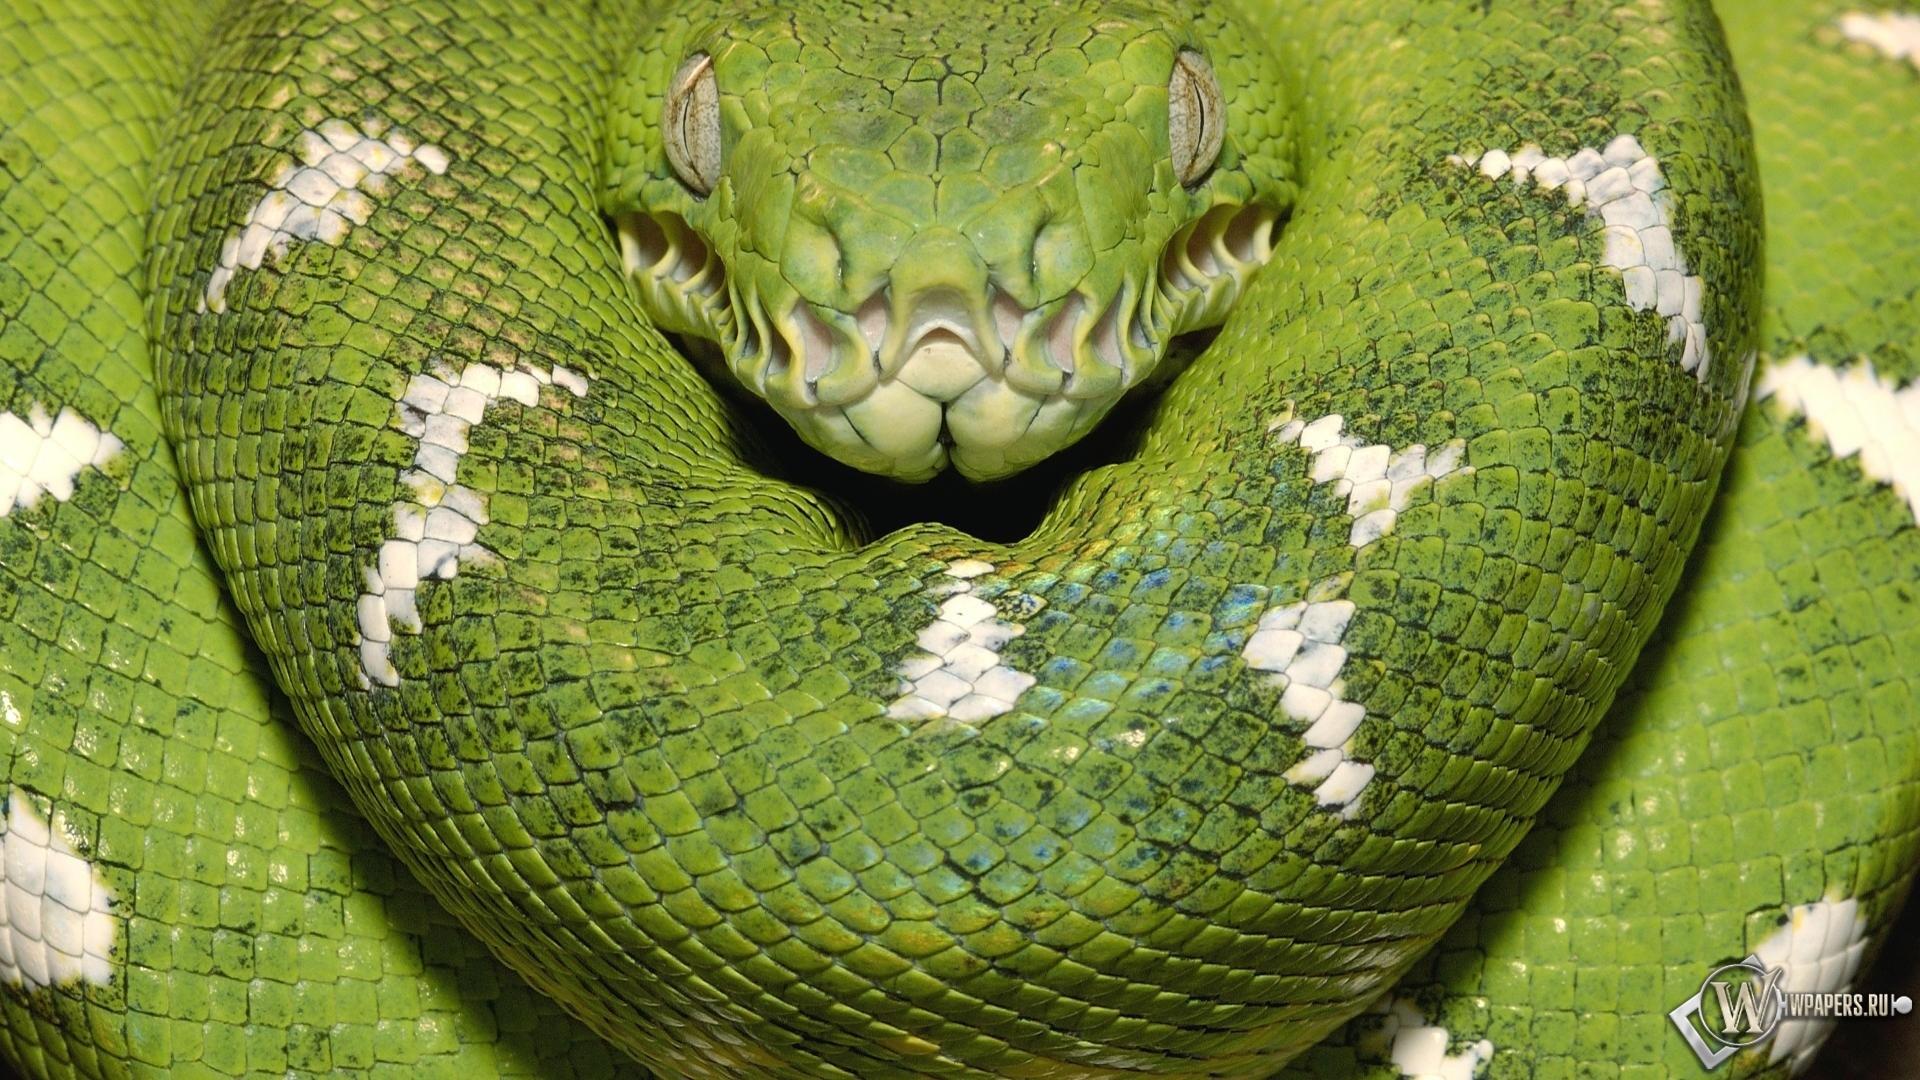 Зеленая змея 1920x1080